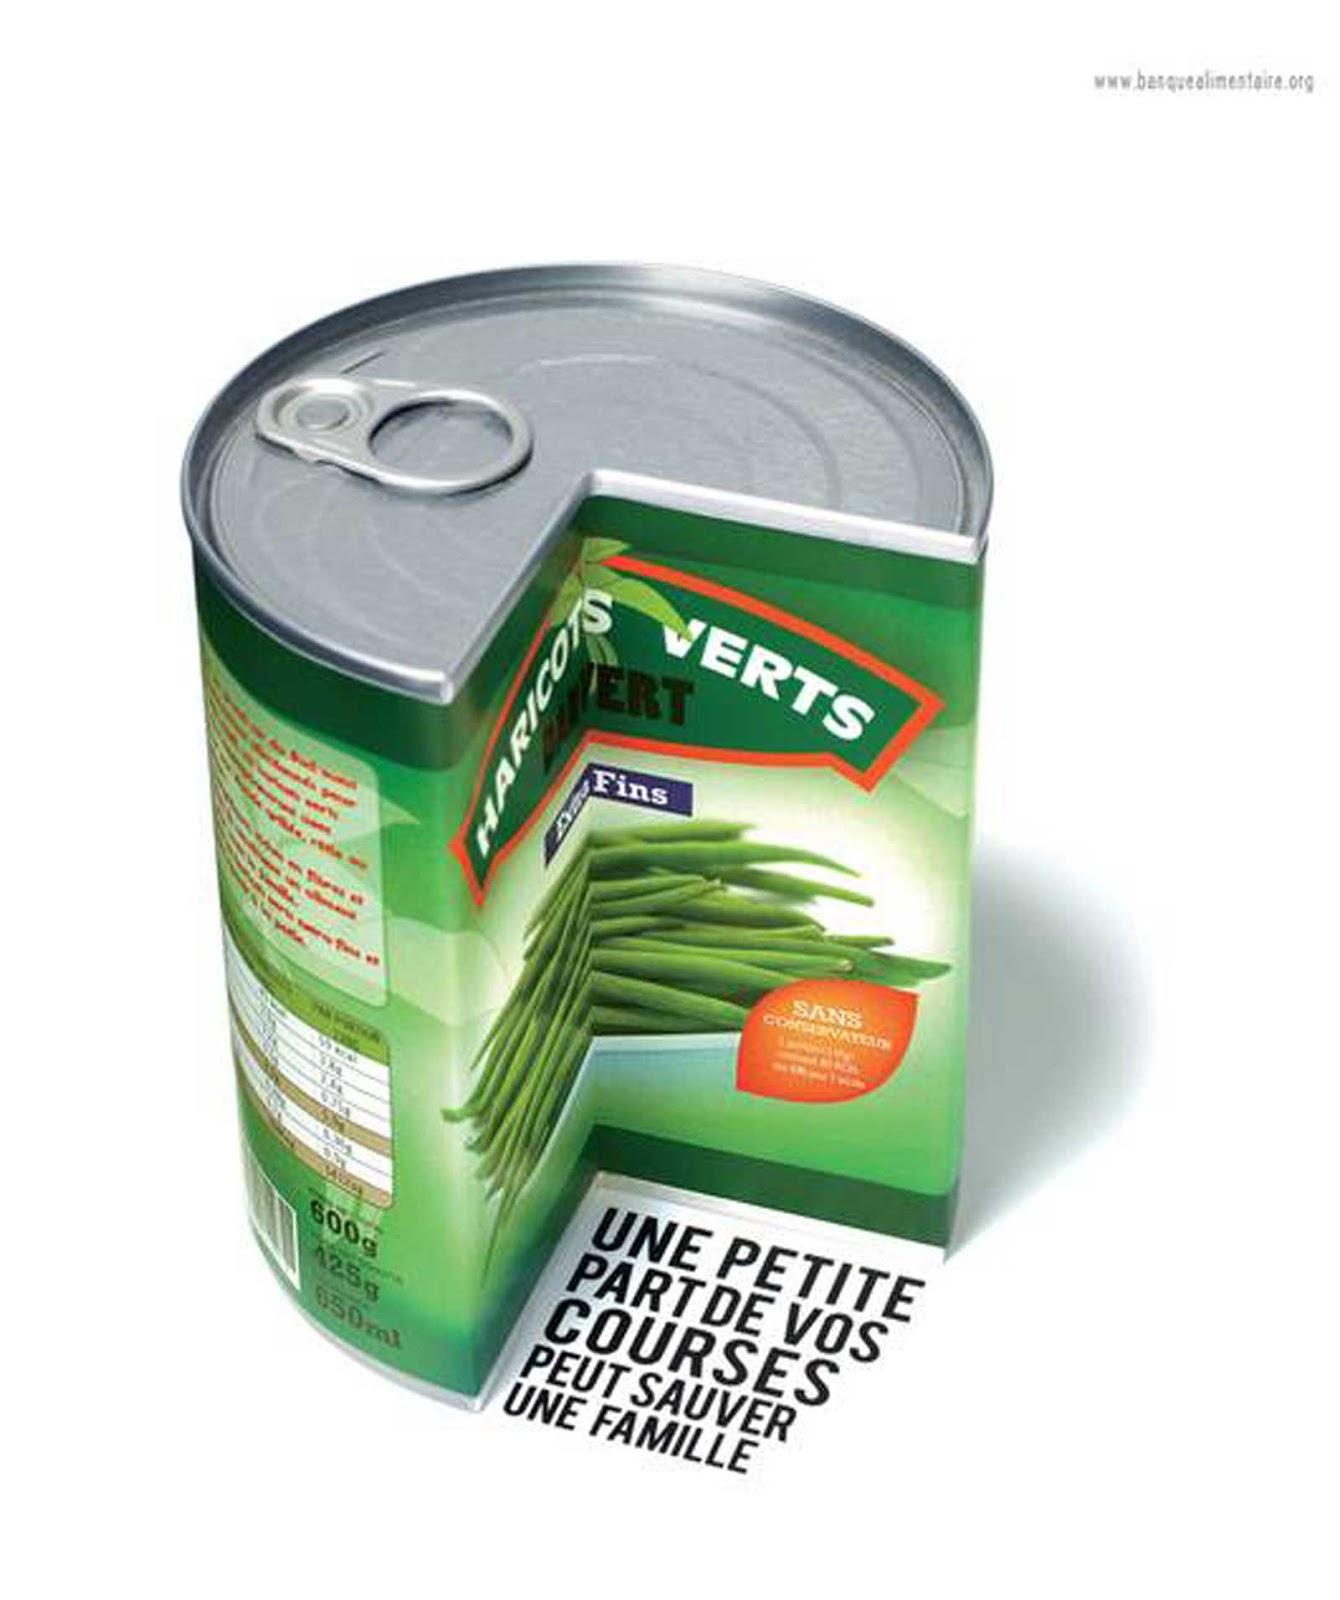 http://2.bp.blogspot.com/-lrRpxrEGyEg/UK8Pok6lNDI/AAAAAAAAEkQ/qi6-6-HZnOA/s1600/Collecte-banque-alimentaire-Web%5B1%5D.jpg